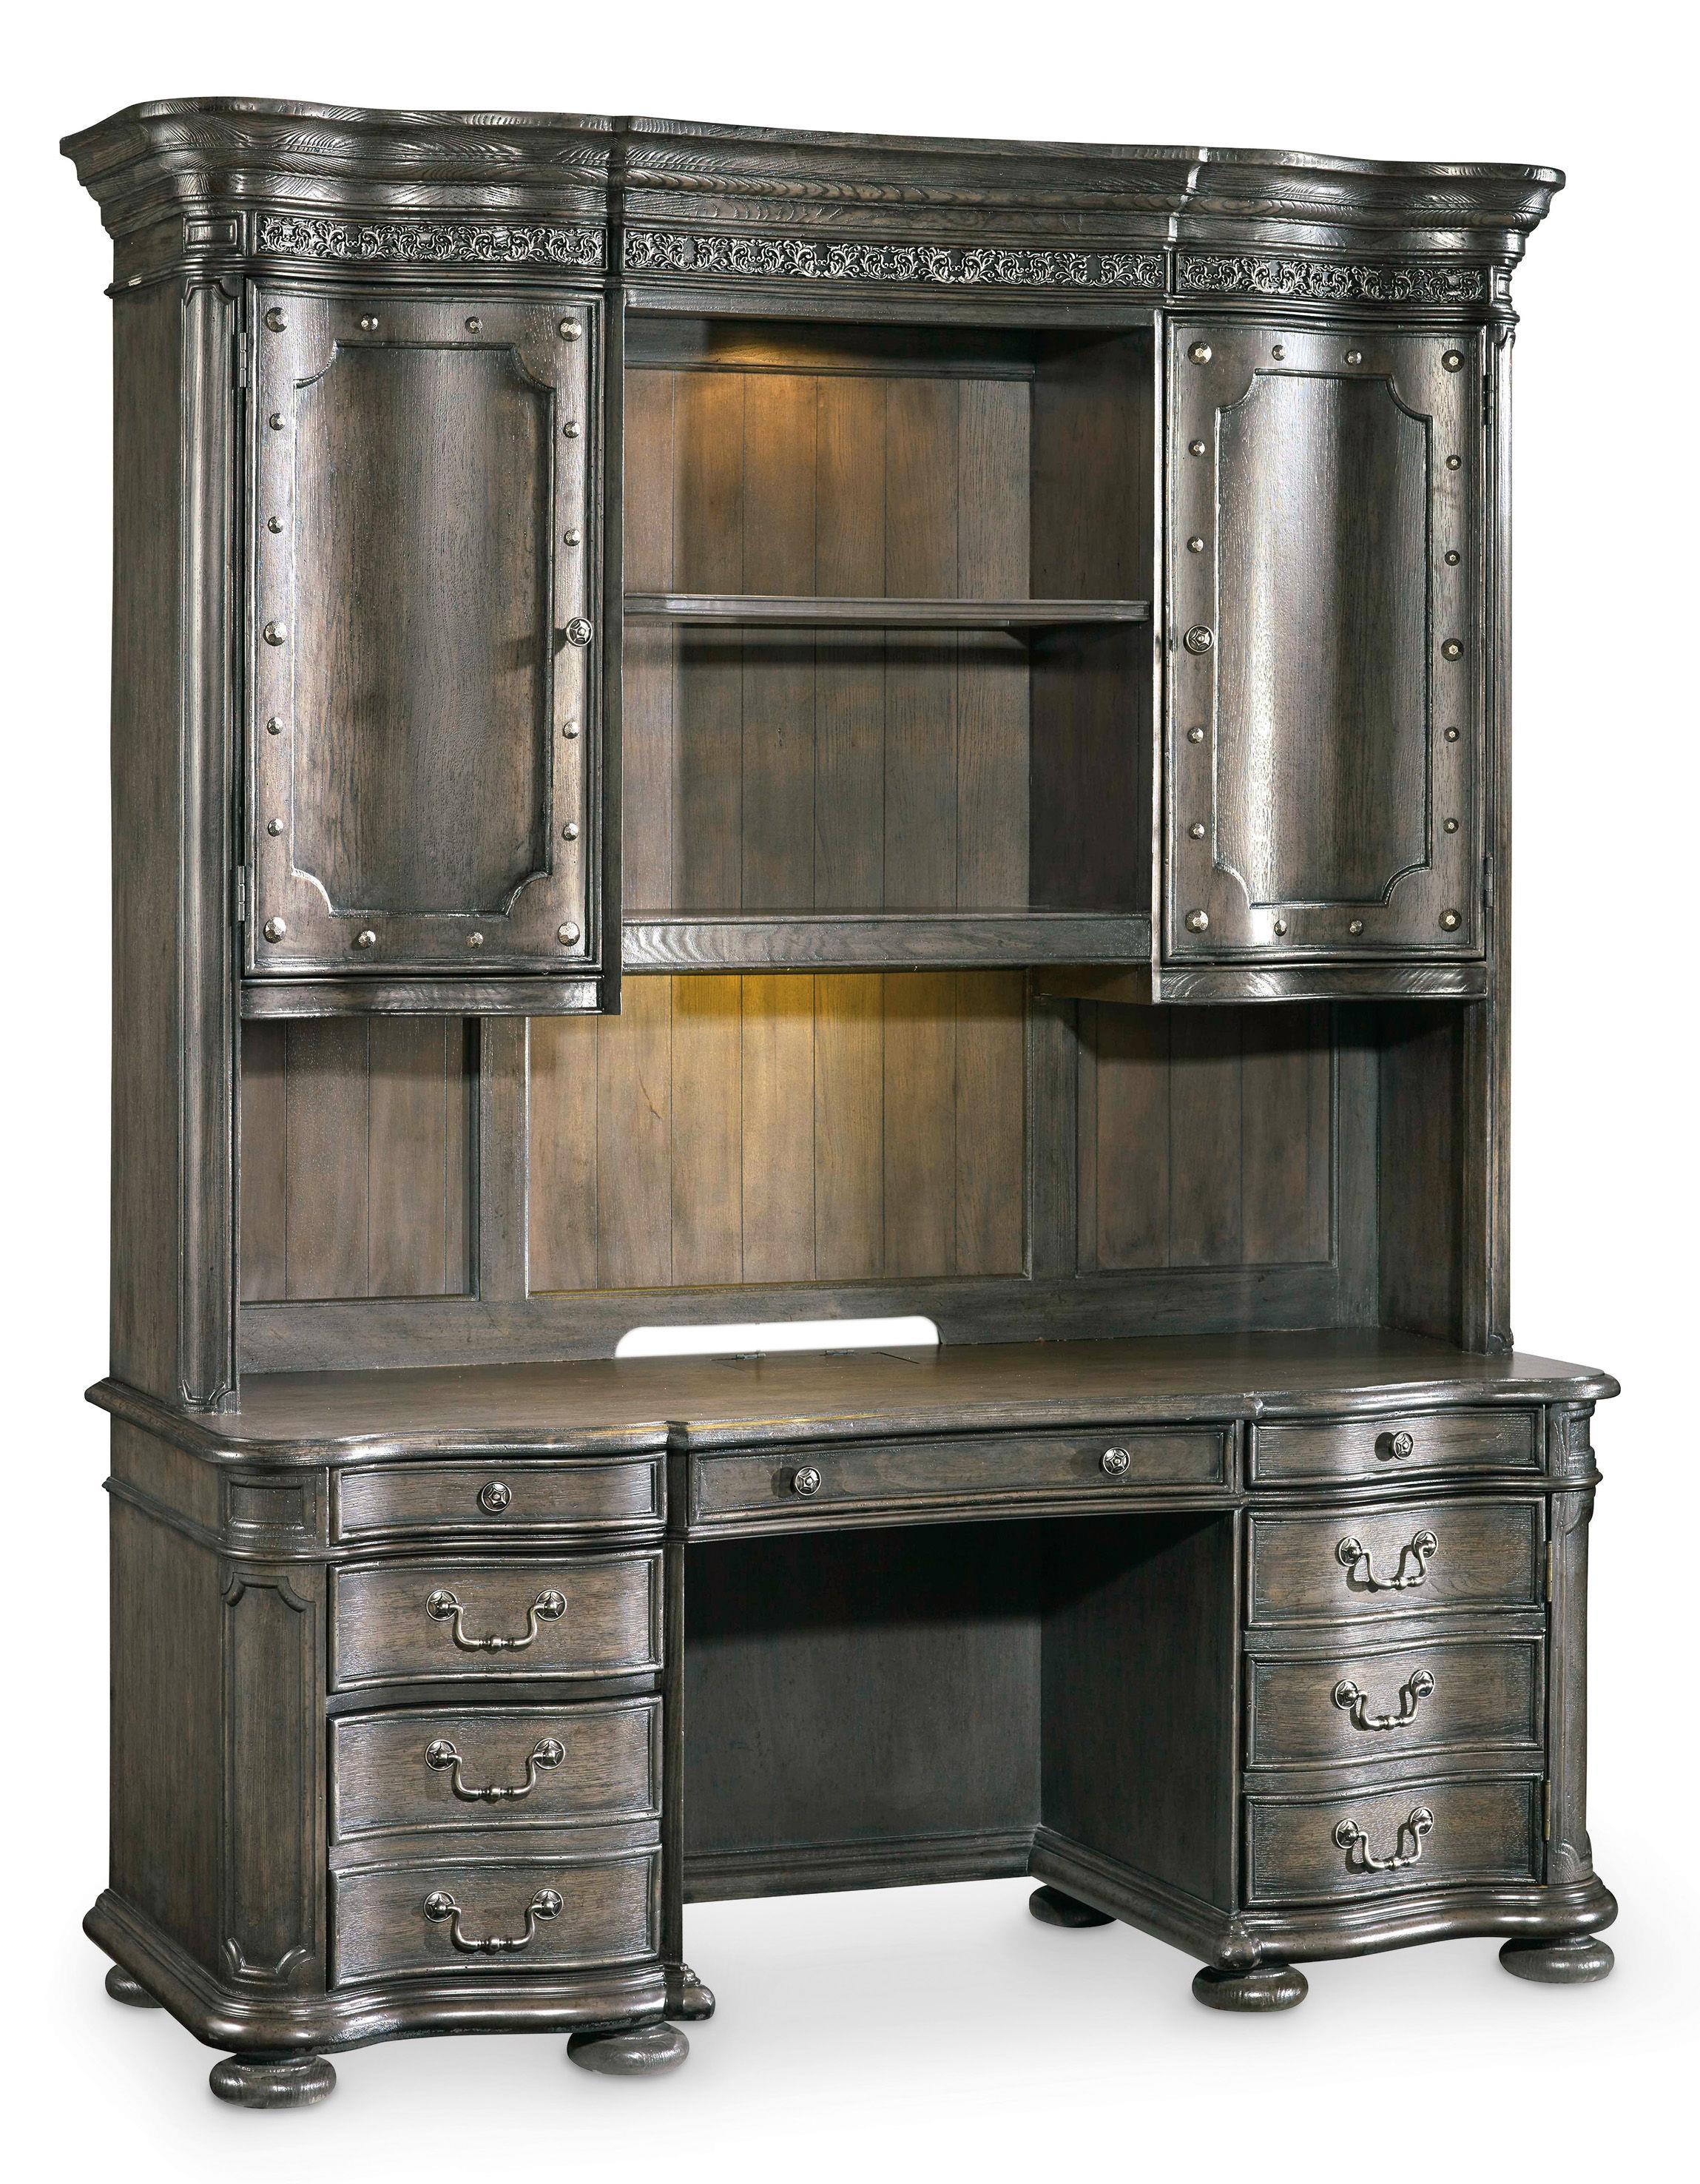 Hooker Furniture Vintage West Computer Credenza and Hutch - Item Number: 5700-10464+10467